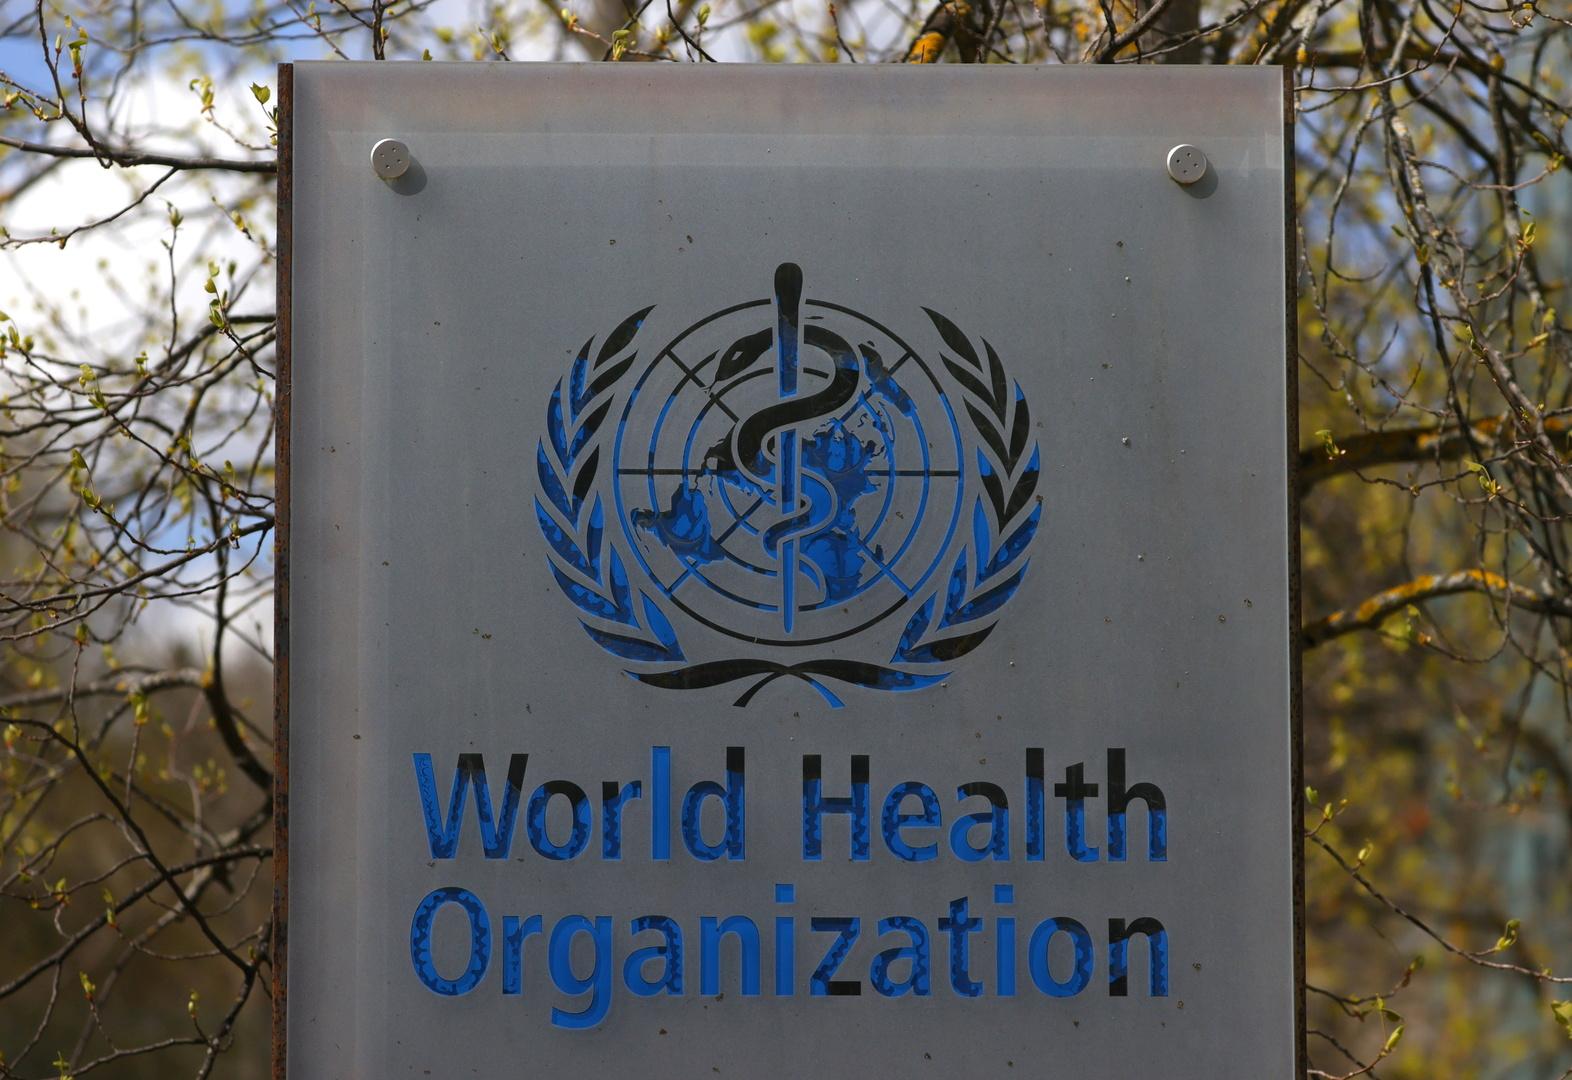 منظمة الصحة العالمية: عدد الإصابات بكوفيد يرتفع مجددا في أوروبا